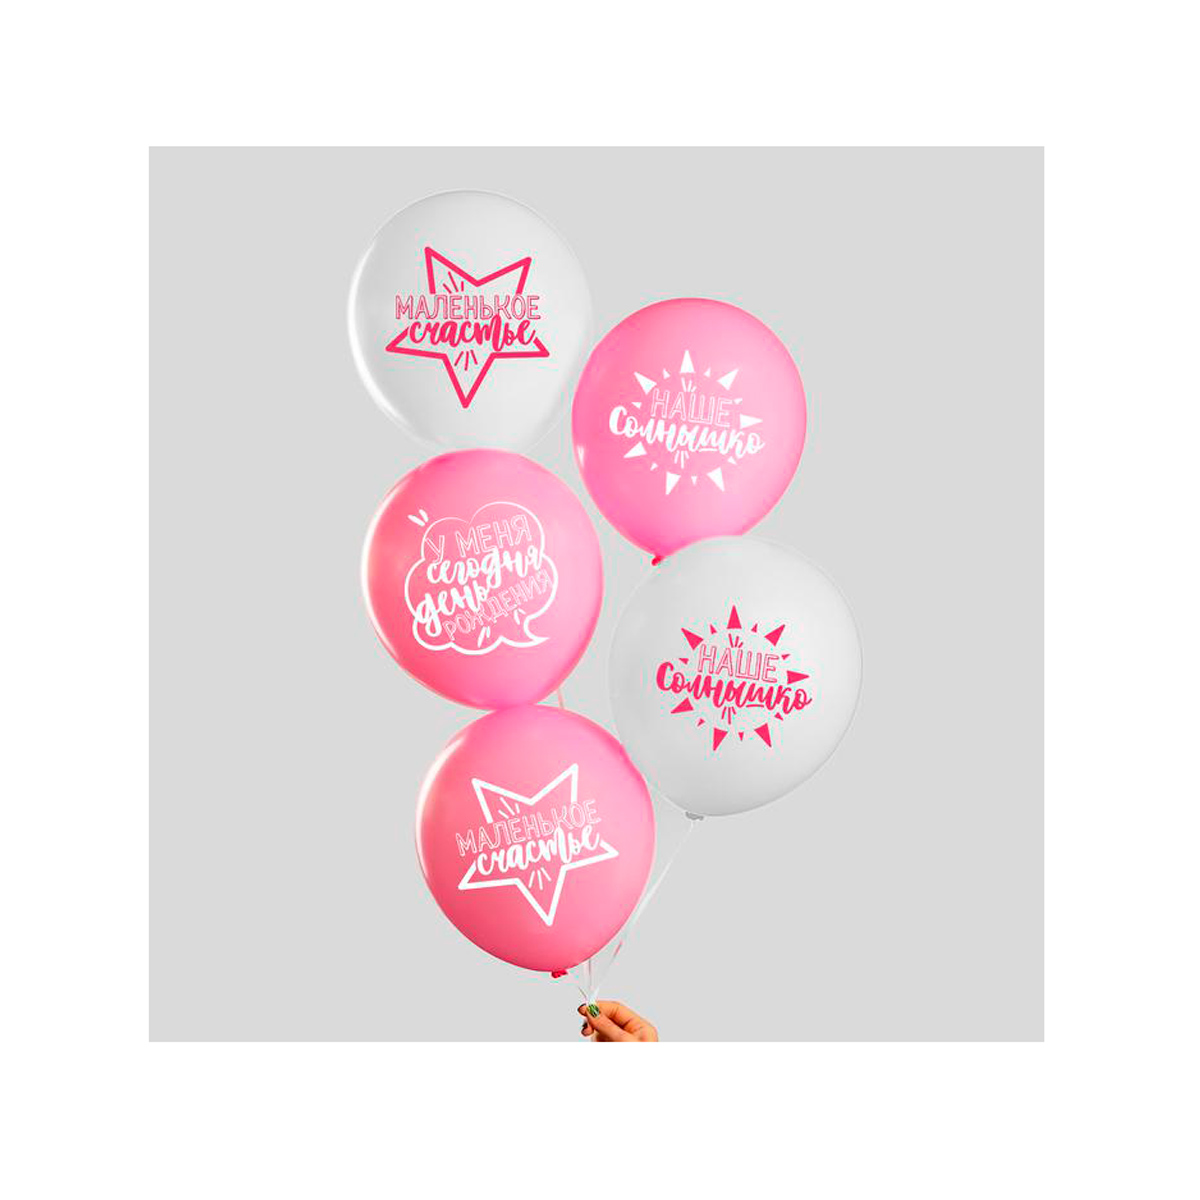 3722880 Шар воздушный 12' День рождения девочки, для селфи', упак/5 шт, МИКС